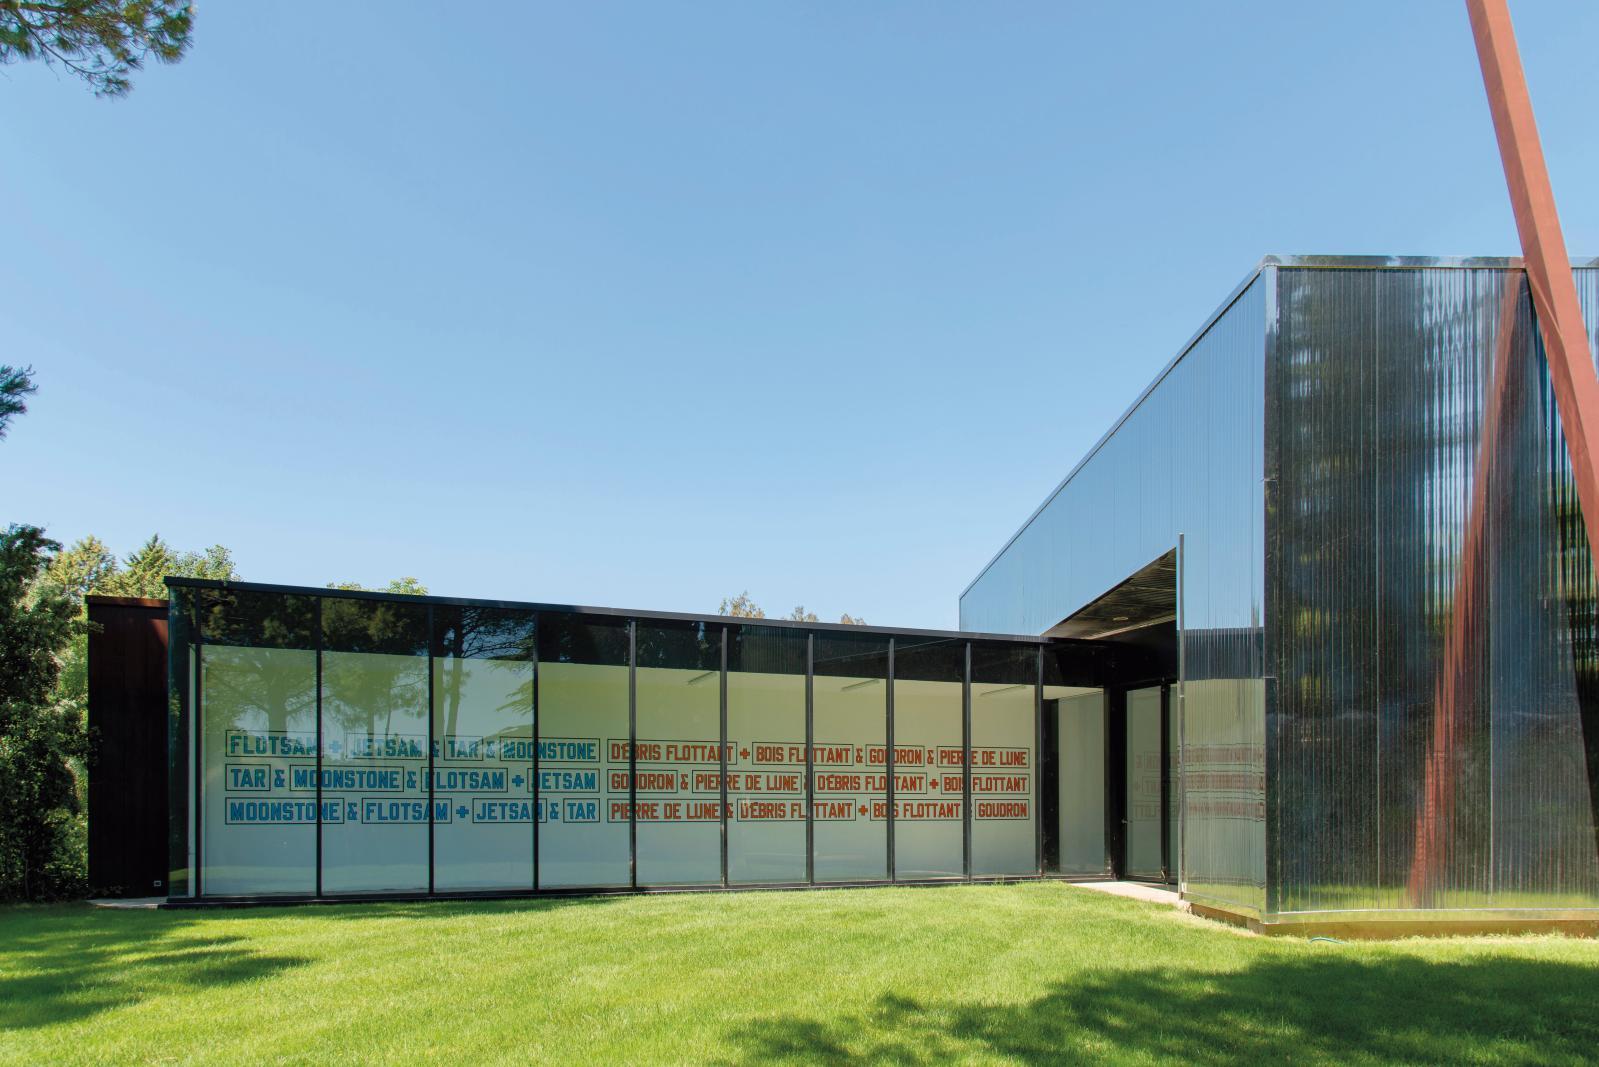 Vue de l'installation de Lawrence Weiner à la Venet Foundation, 2020. © Jerome Cavaliere - Courtesy de Moved Pictures Archive, New York et